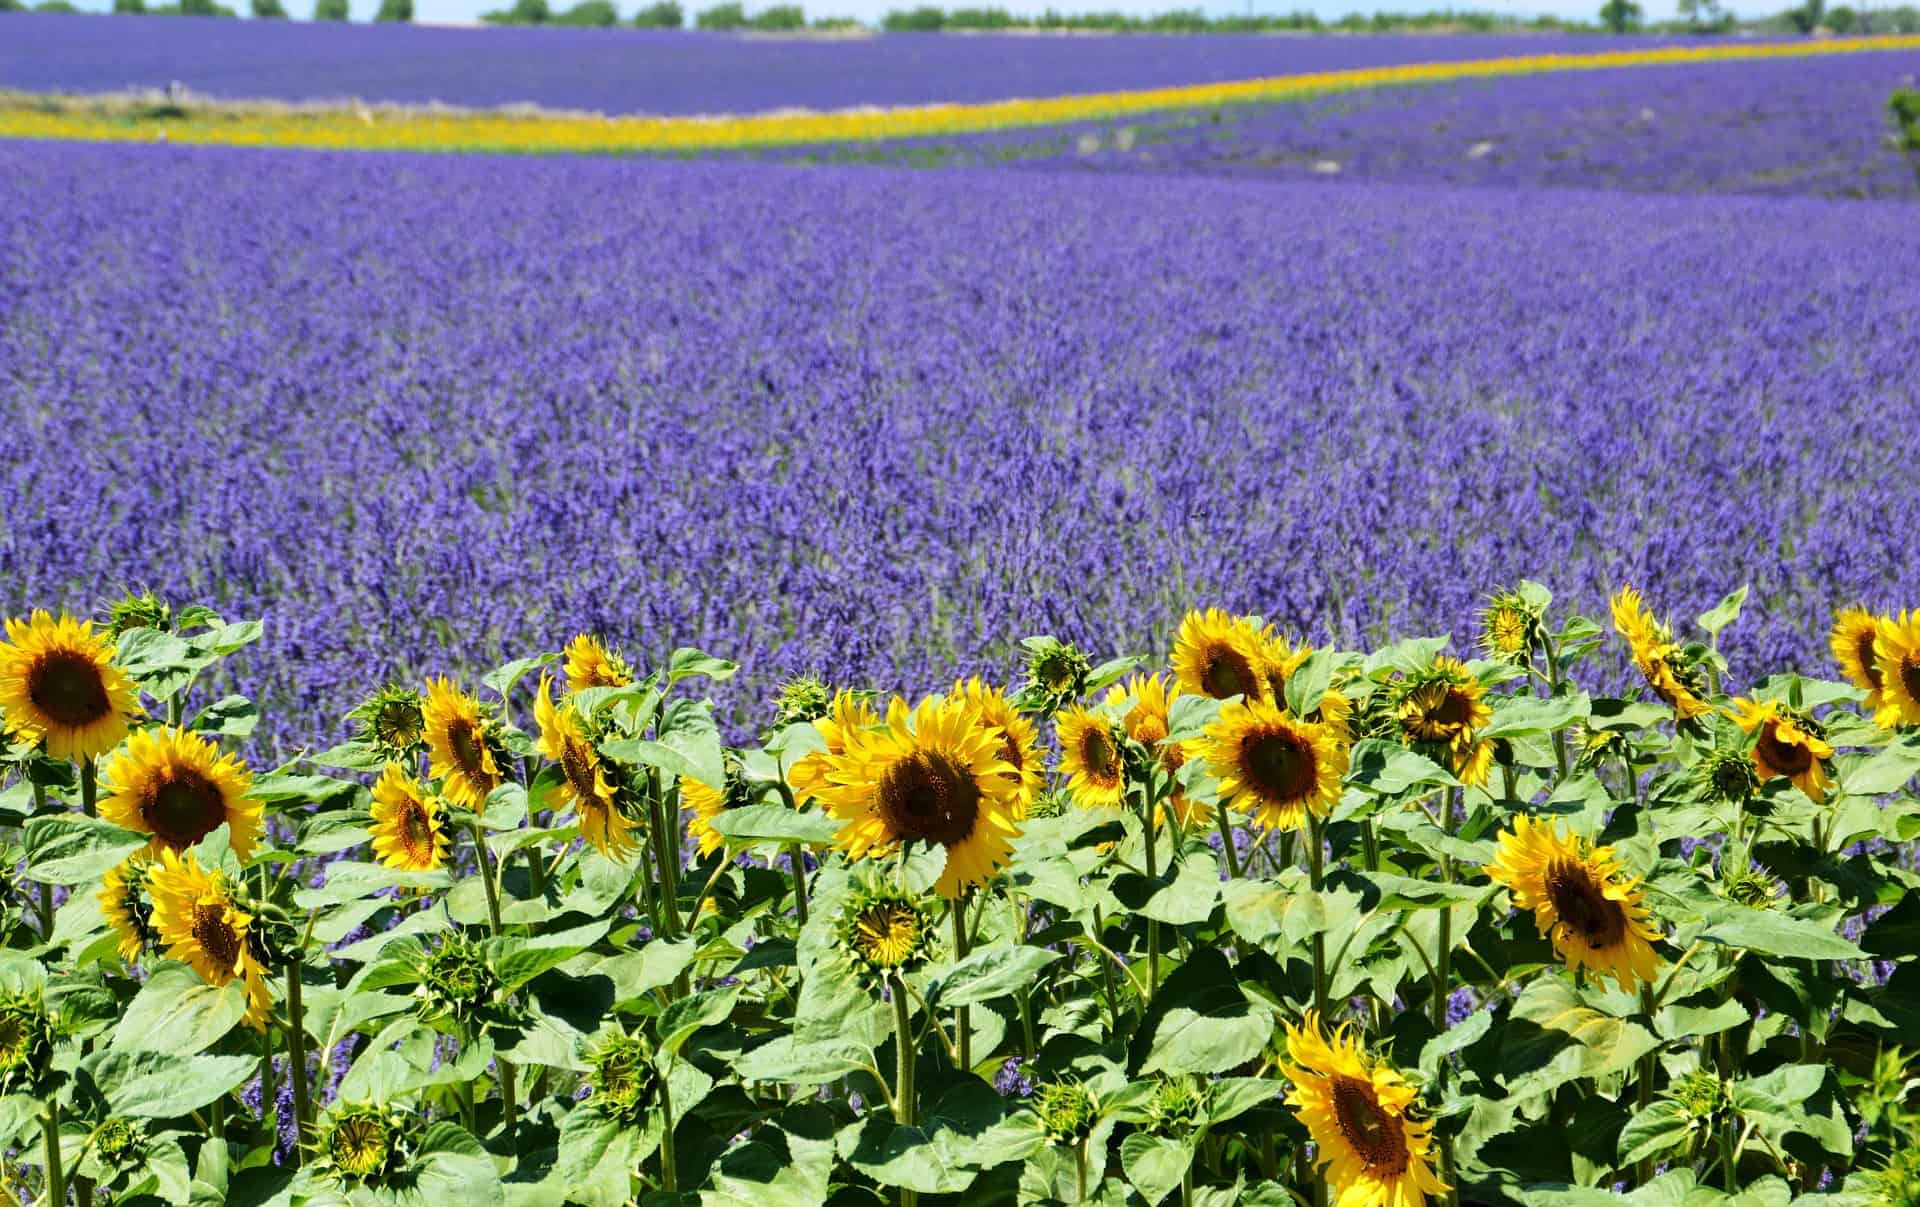 Valensole platå i Provence, dagsturer i Provence, Lavendel marked i Provence, Lavendel i Provence, Aix-en-Provence, romantisk tur til Provence, ting å gjøre i Provence, langhelg i Provence, weekendtur til Provence, ferie i Provence, ting å gjøre i Provence, lavendel i Provence